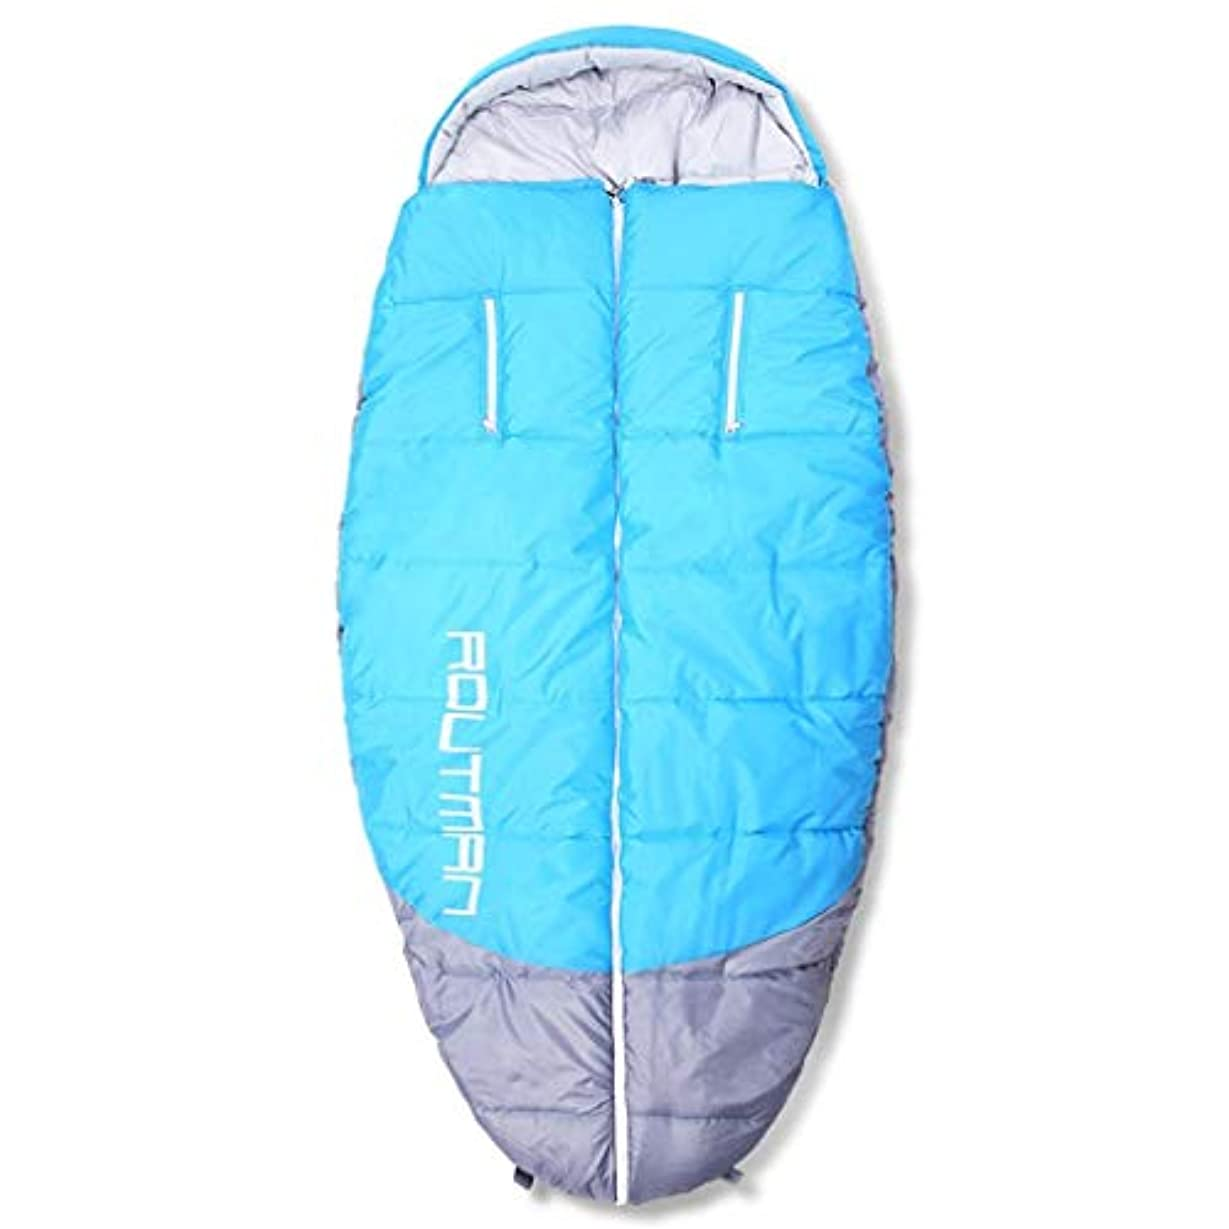 実装する大洪水キャプチャー寝袋大人の屋内特大屋外のデブ男寝袋に手を差し伸べる、ブルー、200×100 cm